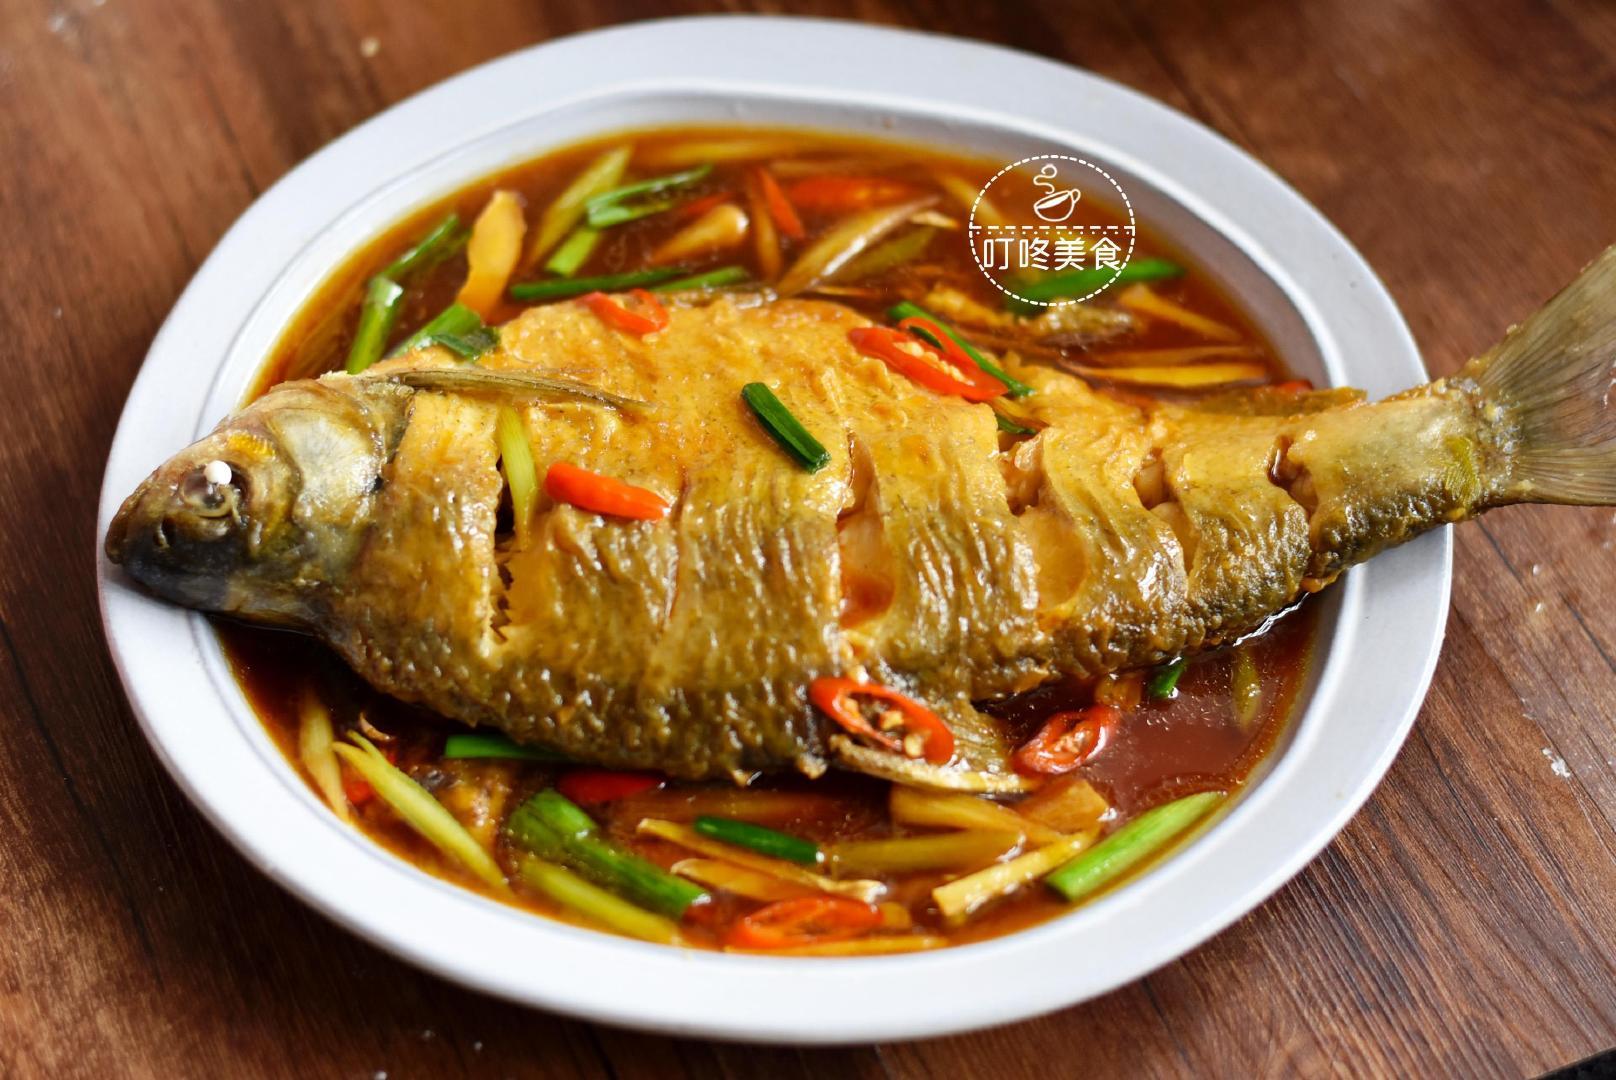 春天,分享鱼的4种家常做法,简单好做又营养,学会受用一辈子